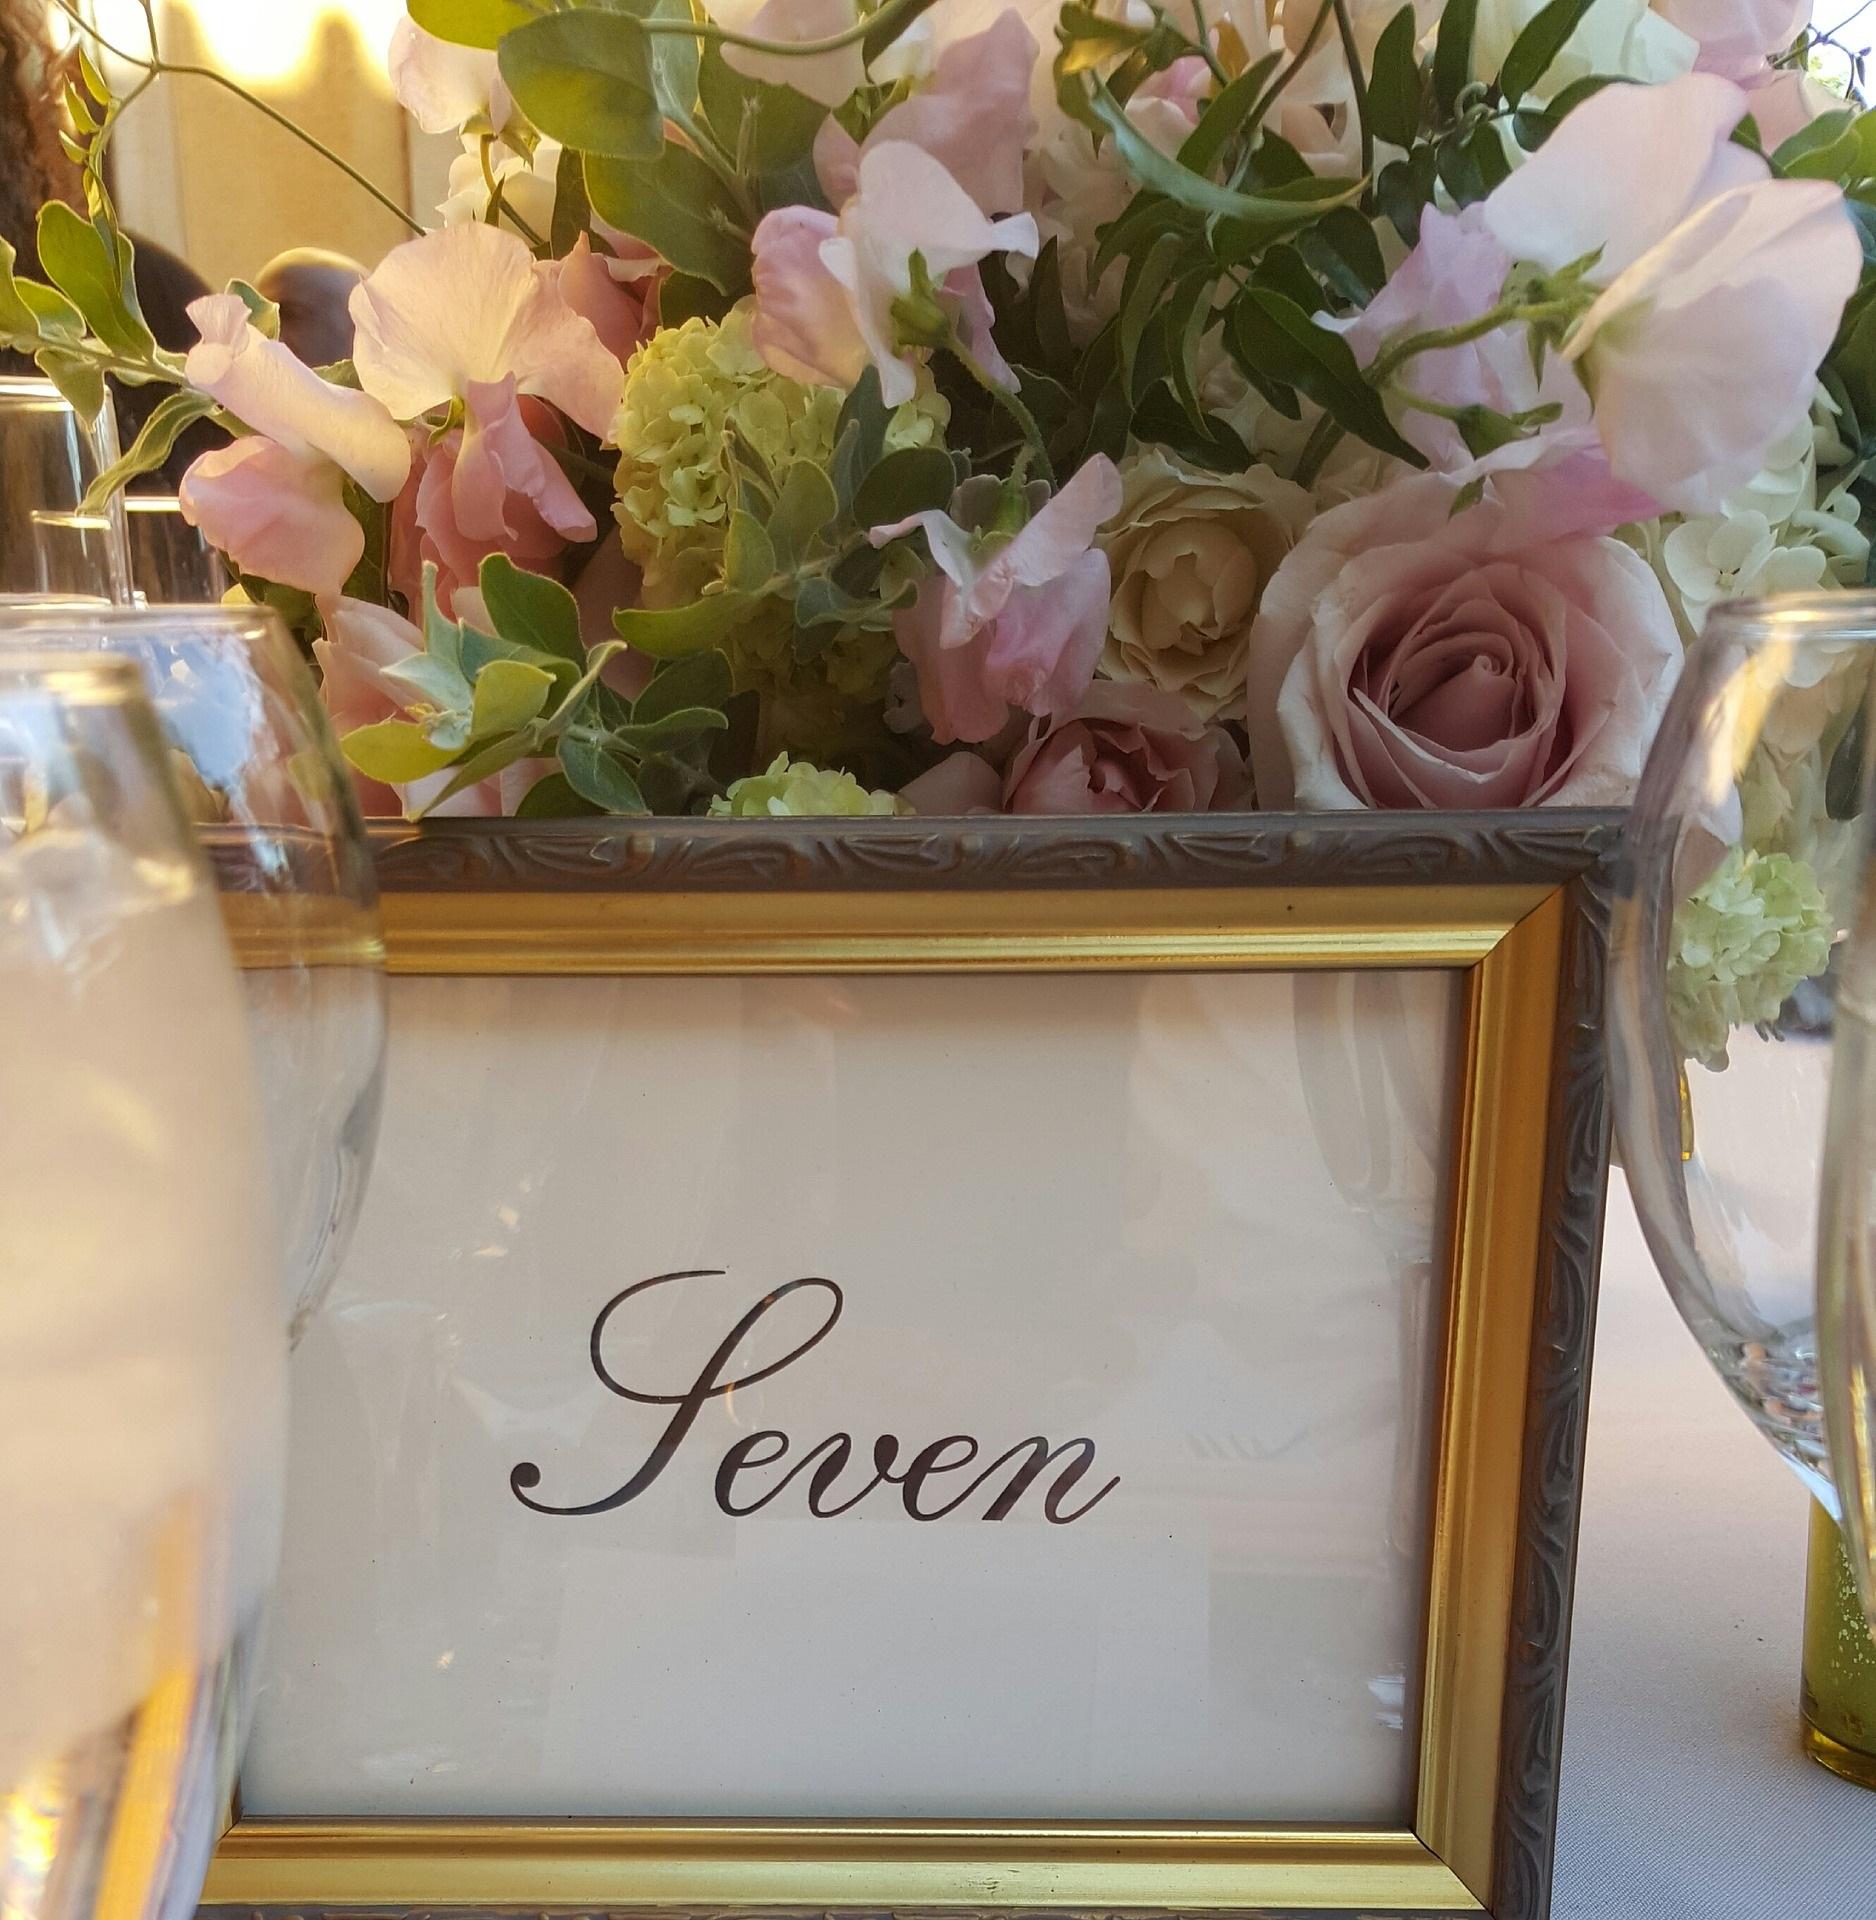 Typische Tischnummerngestaltung - Hochzeitstrends 2019